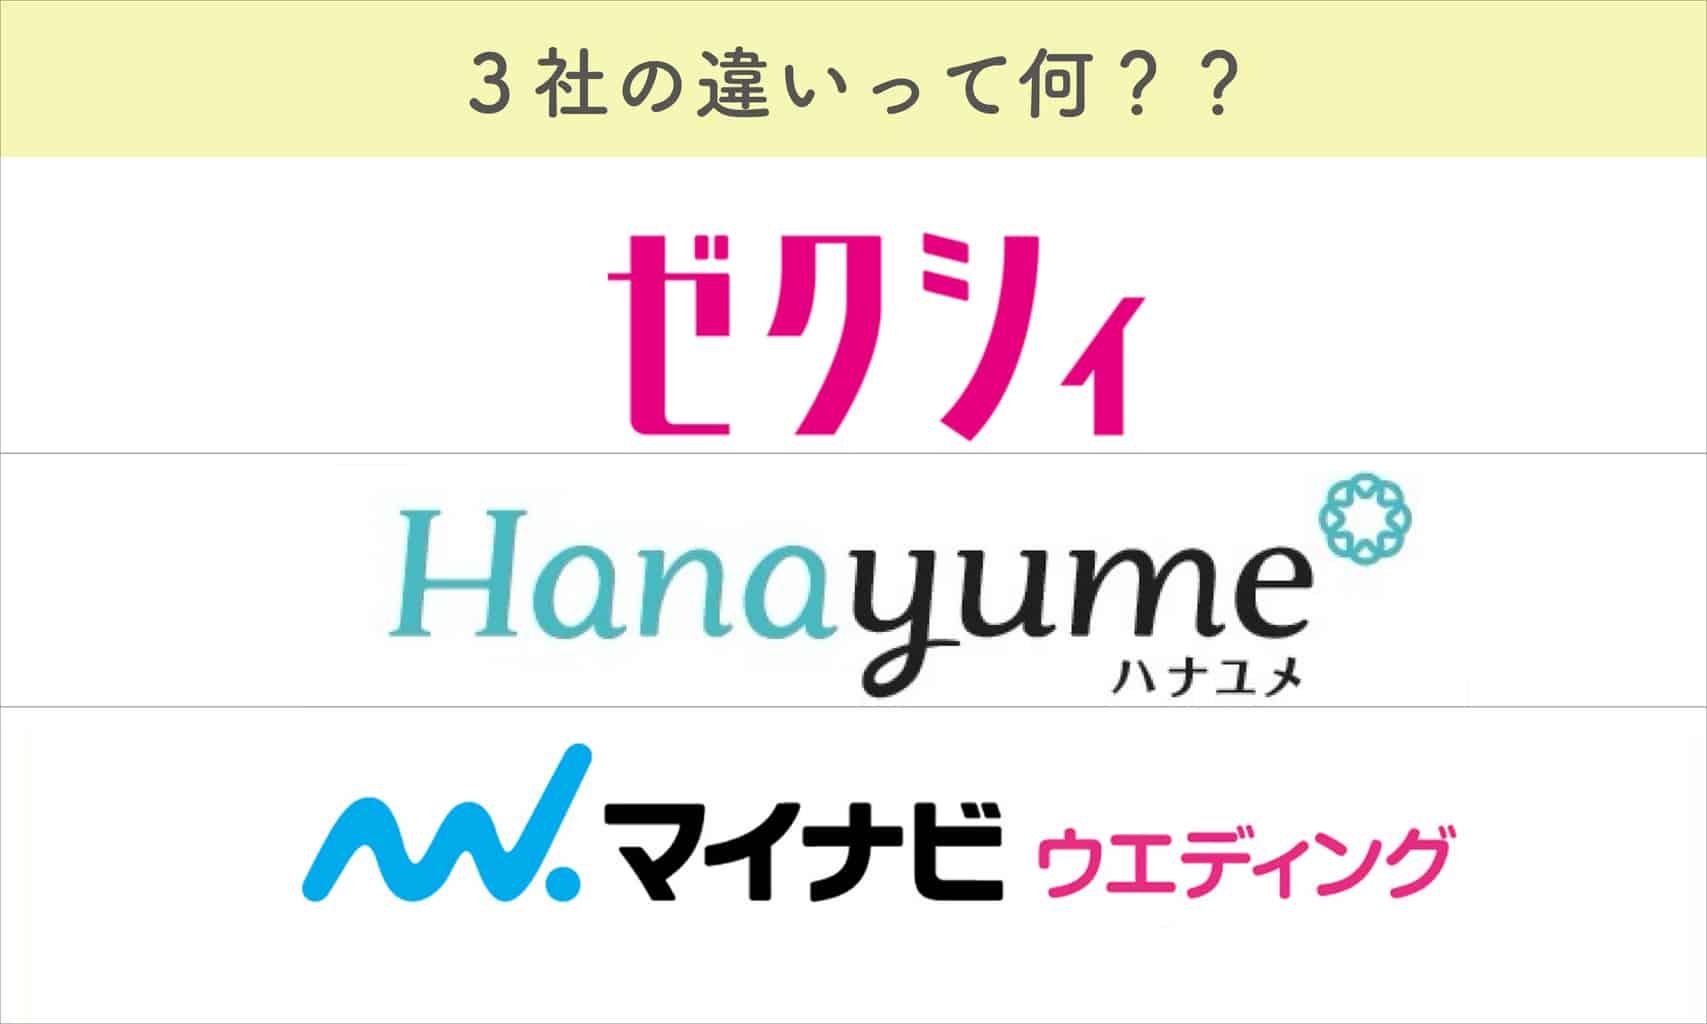 徹底比較!【ゼクシィ・ハナユメ・マイナビウェディング】人気サービス何が違う?のカバー写真